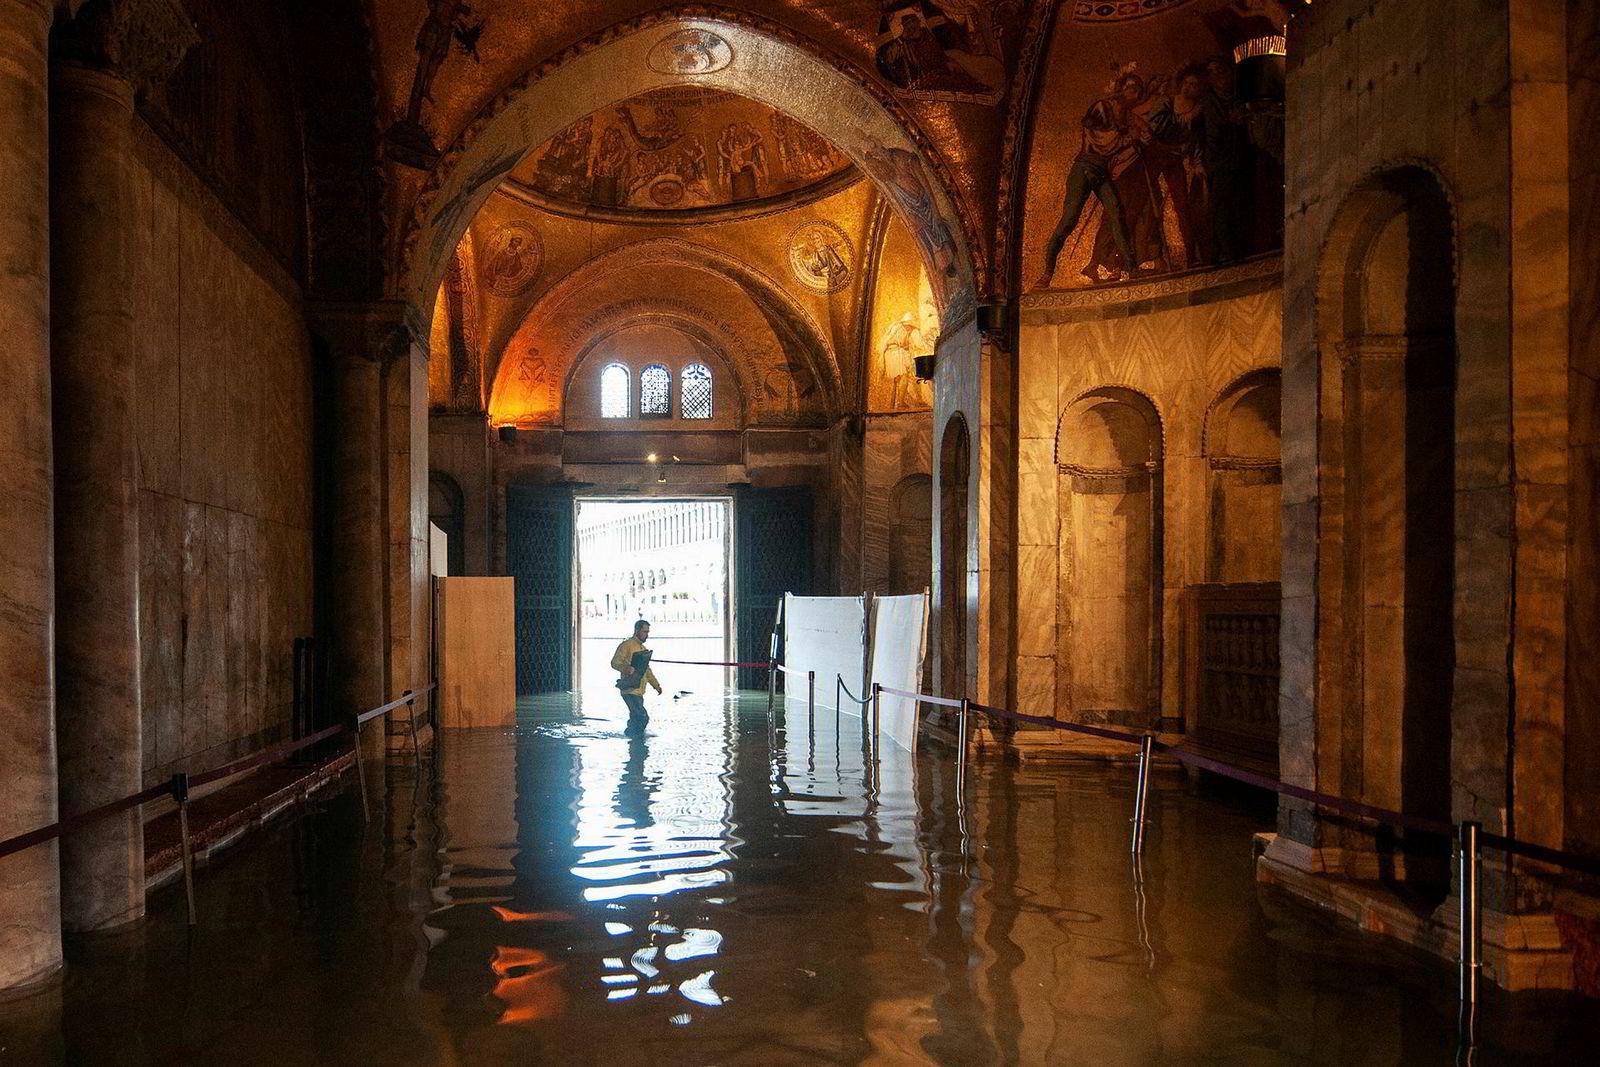 Innbyggerne i Venezia er godt vant med vann, men i midten av november ble det i overkant mye også for dem. Et eksepsjonelt høyt tidevann tok seg blant annet inn i den berømte Markuskirken i byen.